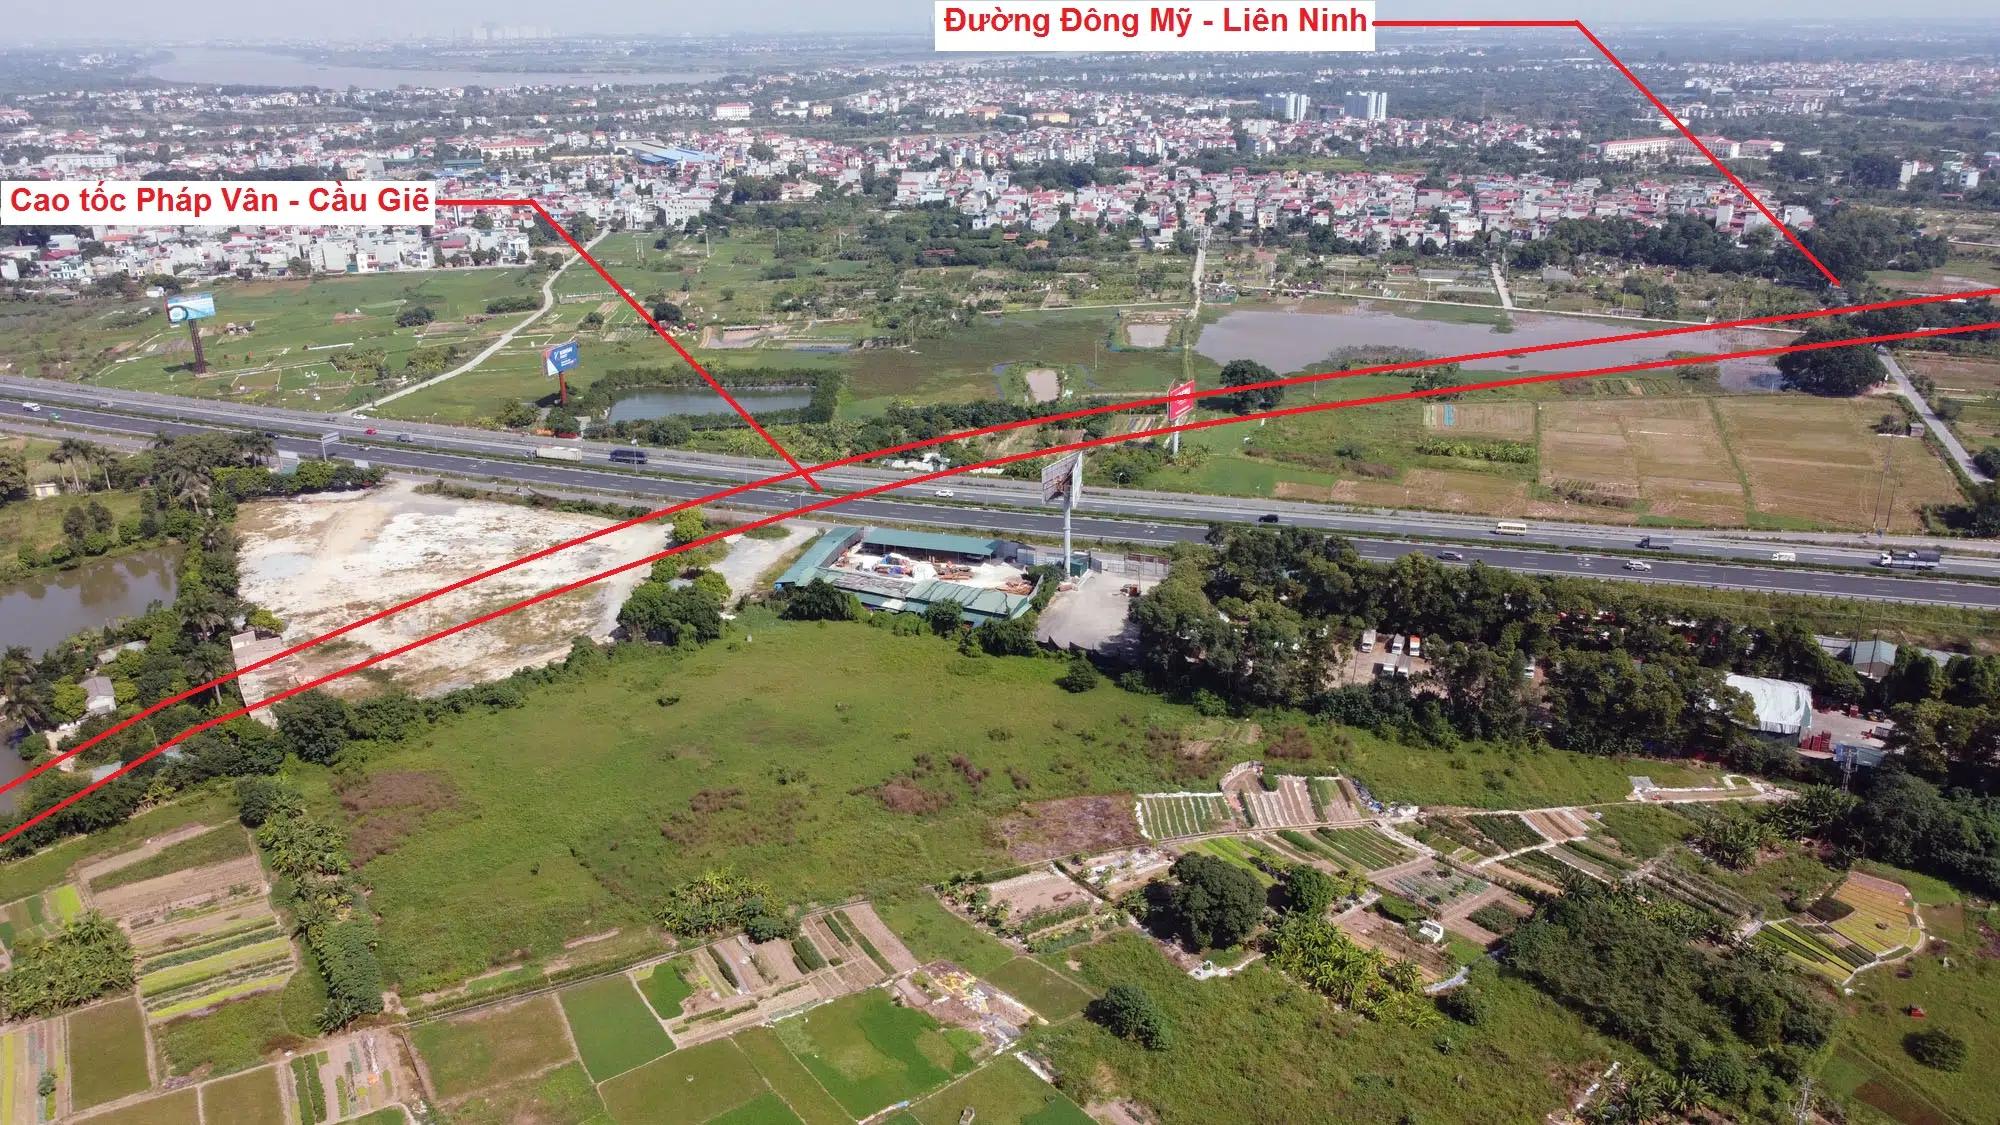 Huyện Thanh Trì sẽ thu hồi hơn 416 ha năm 2021, thực hiện nhiều dự án giao thông  - Ảnh 1.